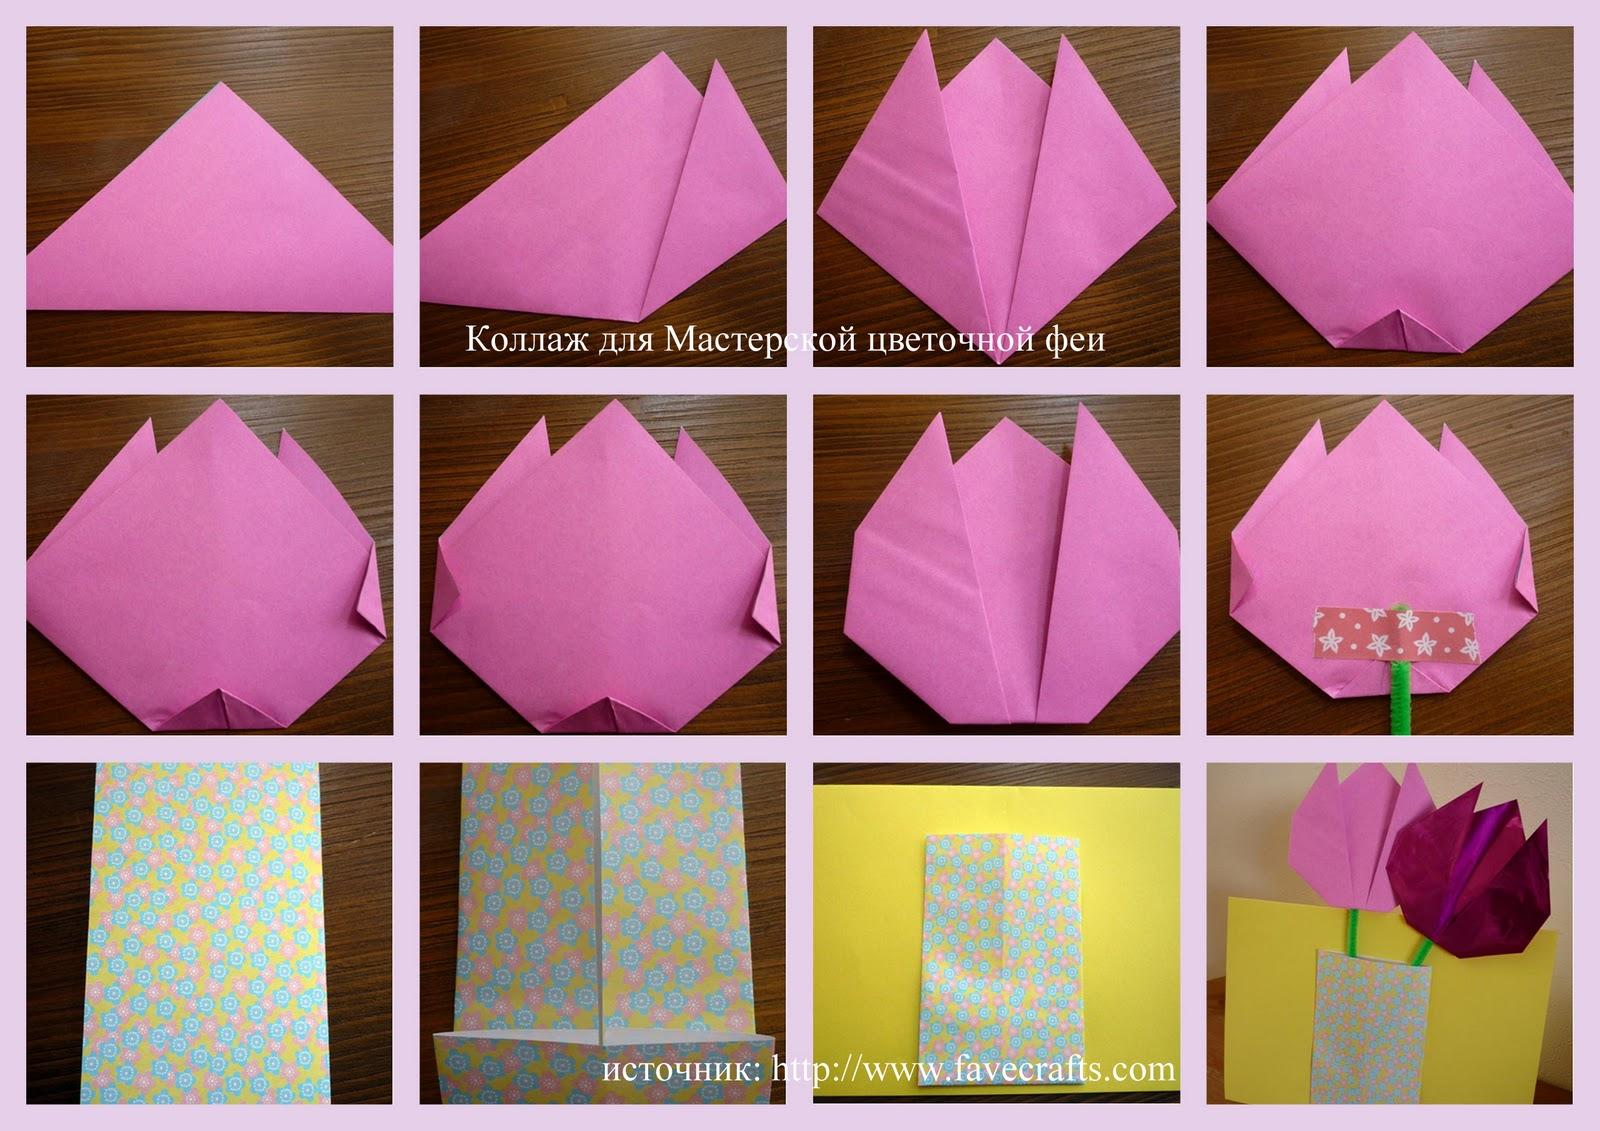 Как сделать тюльпаны из бумаги своими руками поэтапно фото